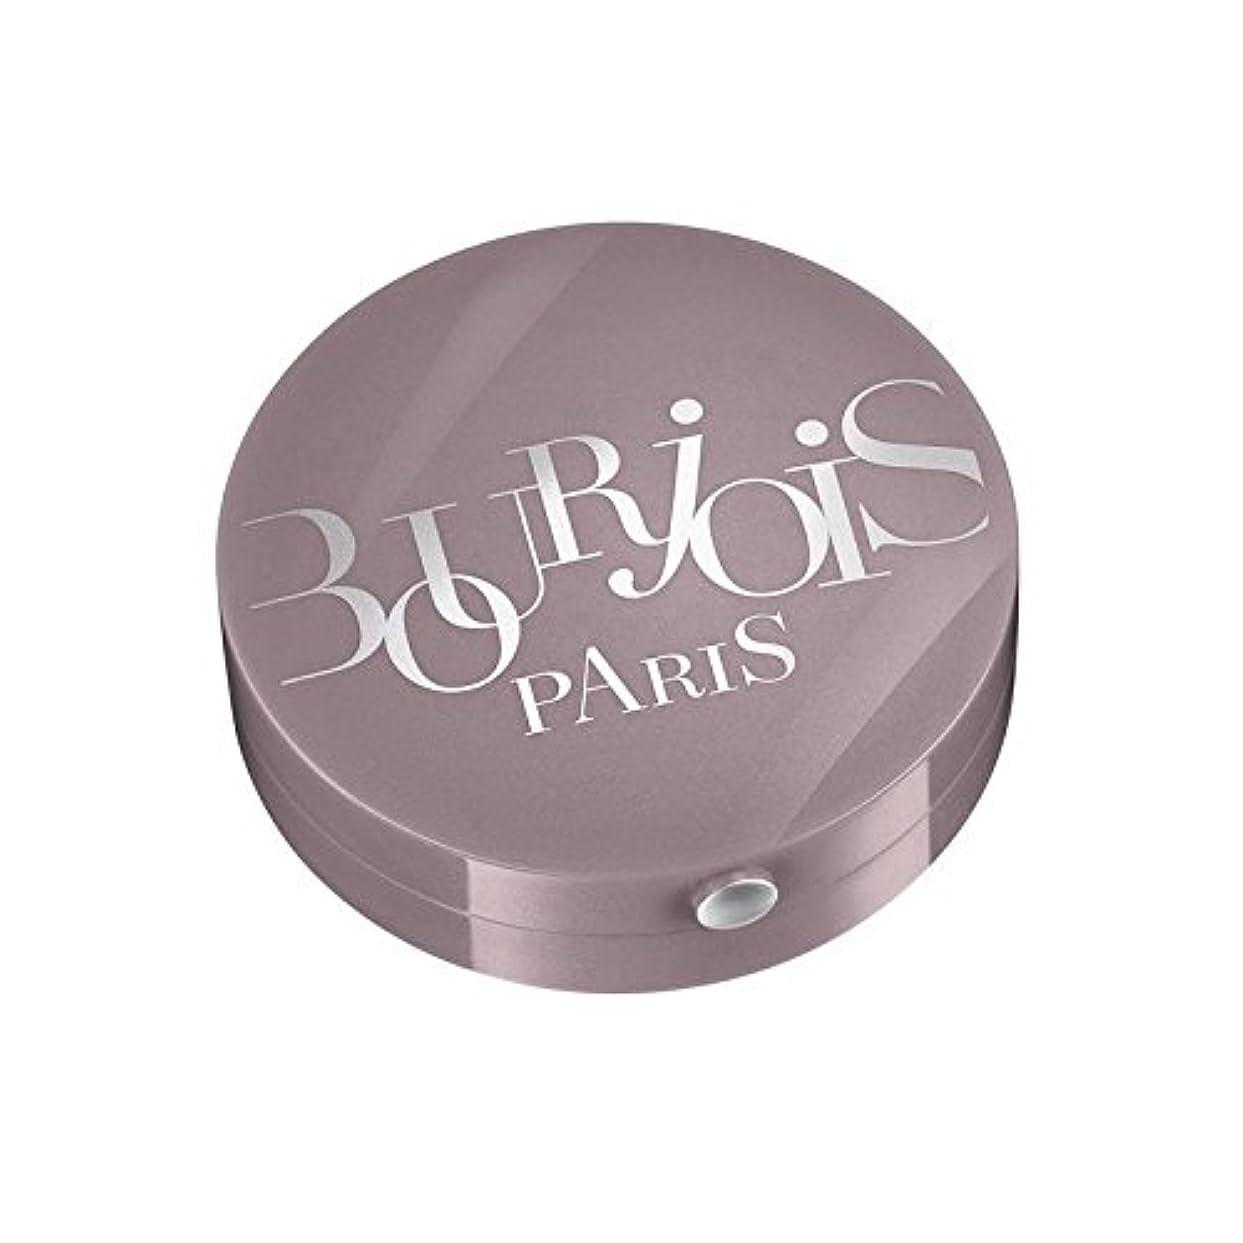 接地不注意アルファベット小さな丸いポットアイシャドウヌード版、Mauvieスター2グラム (Bourjois) (x 4) - Bourjois Little Round Pot Eyeshadow Nude Edition, Mauvie Star 2g (Pack of 4) [並行輸入品]